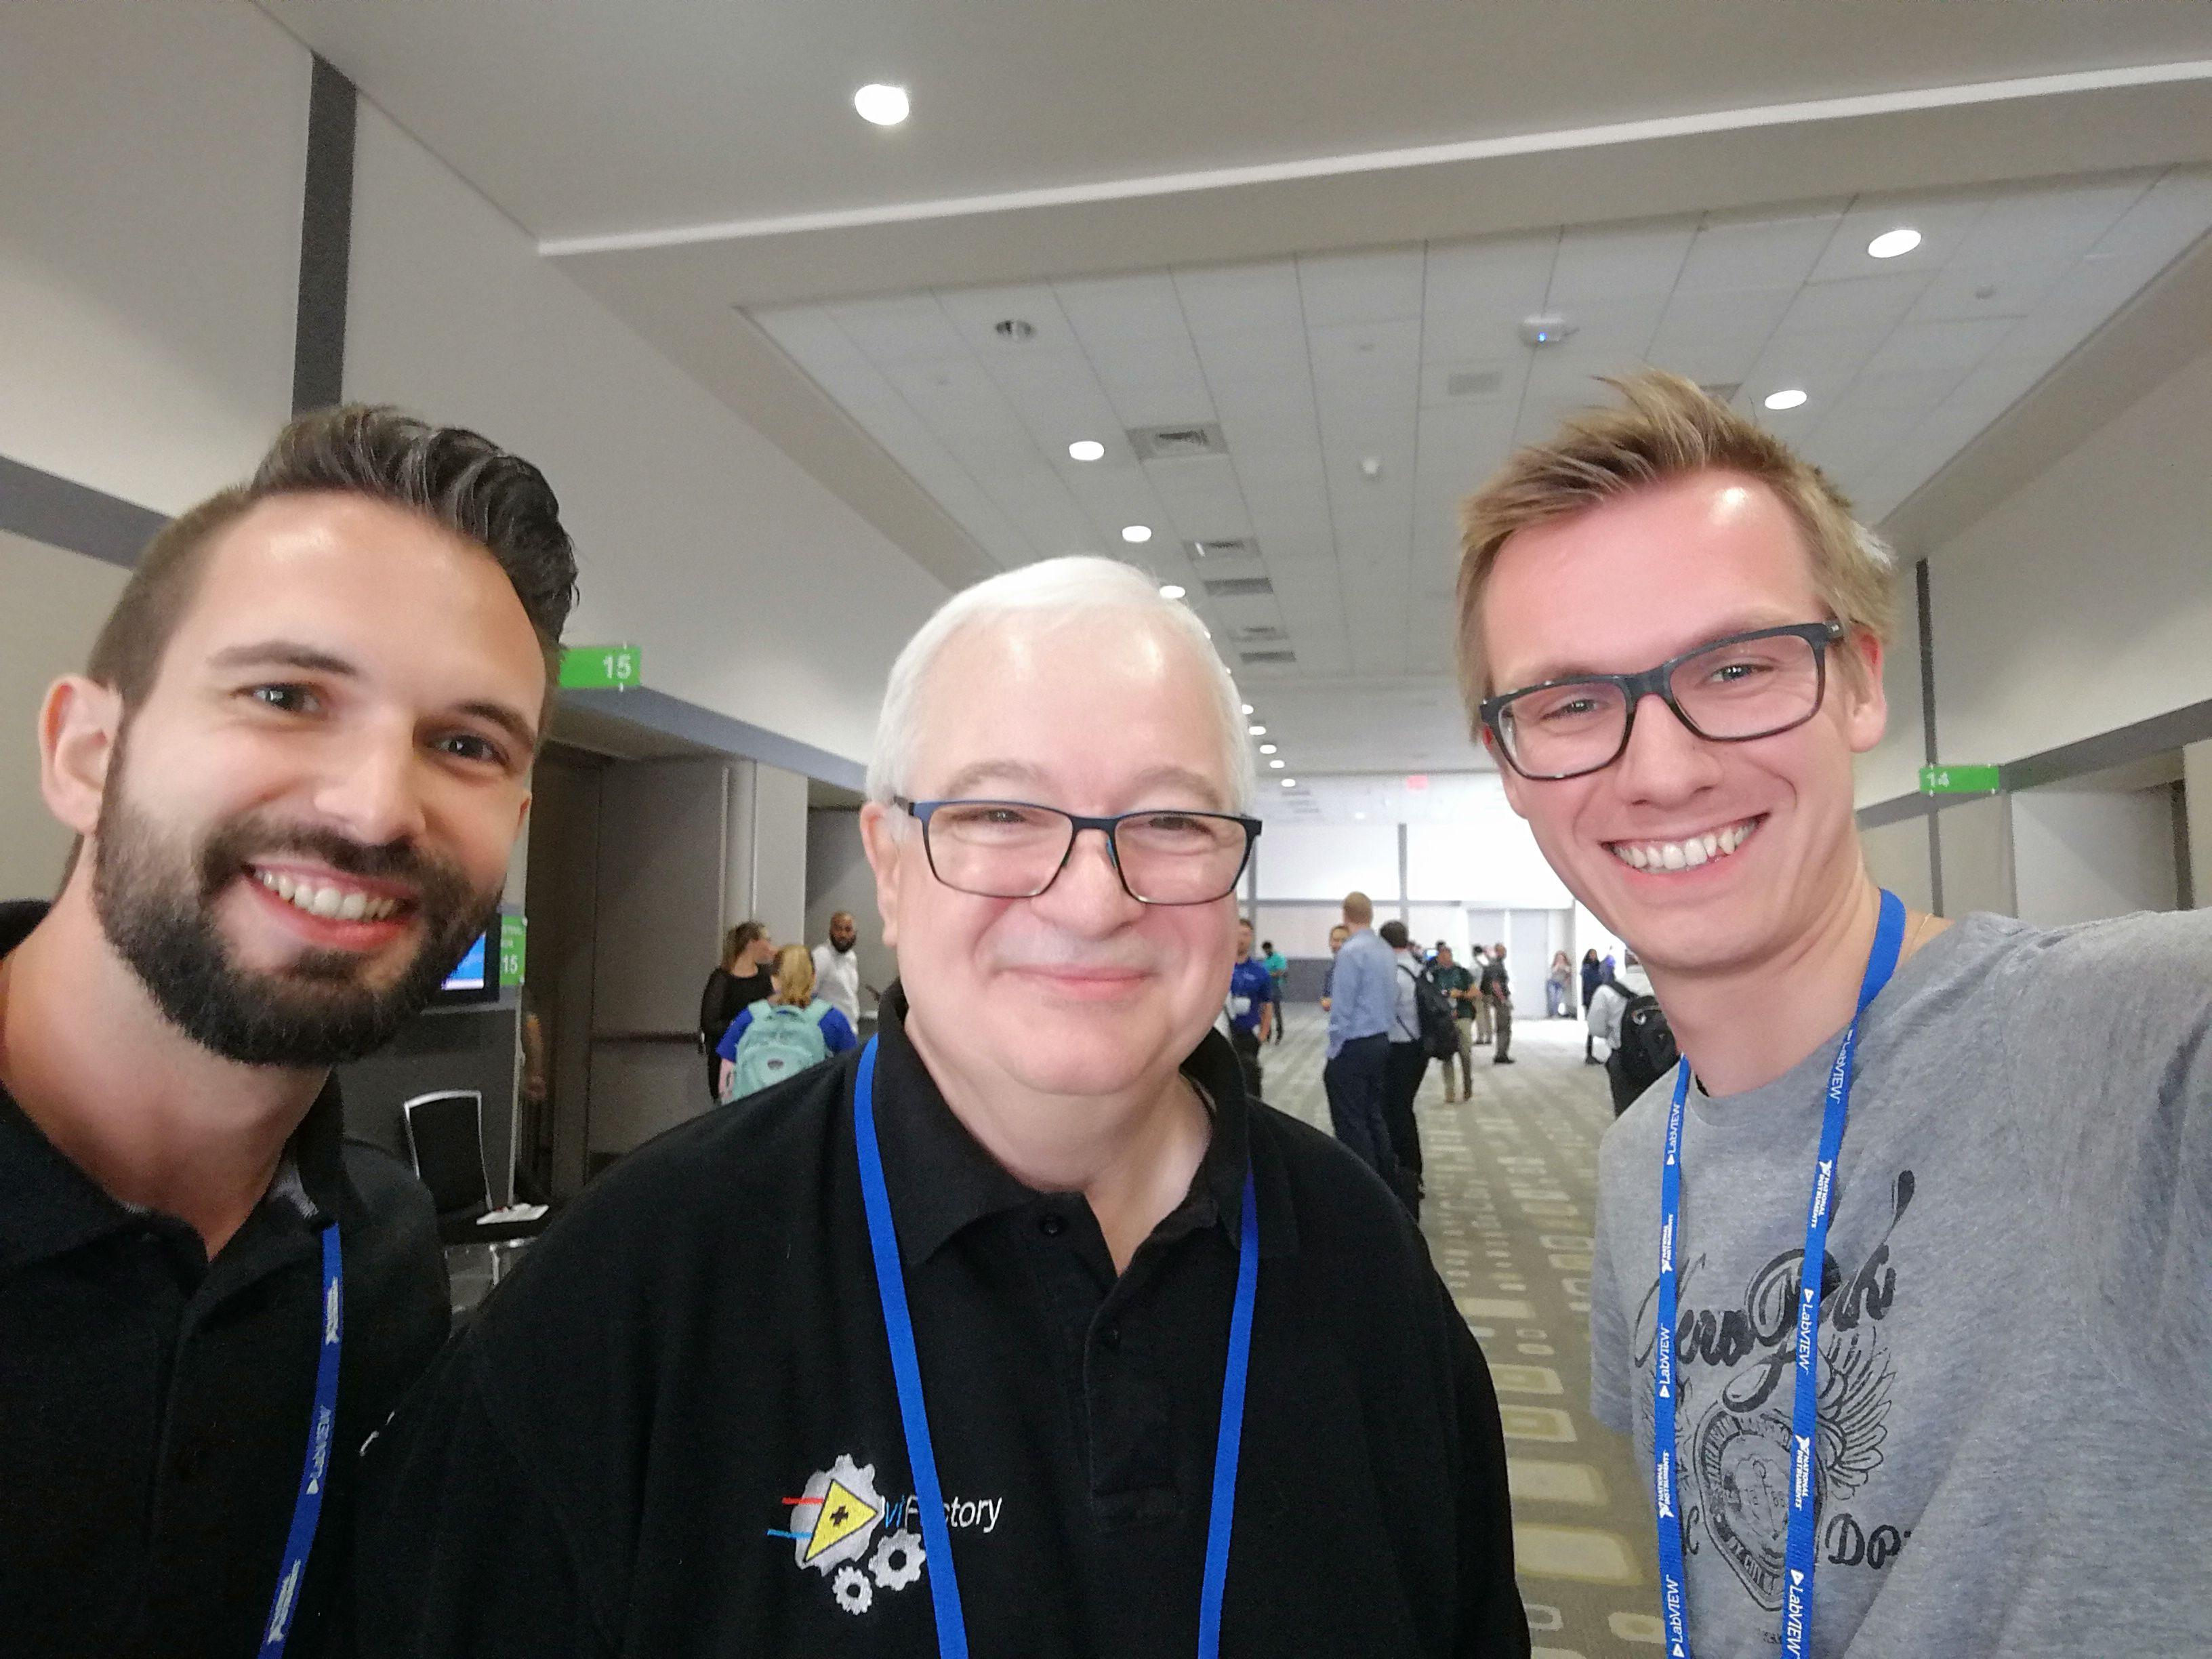 Foto von Michael Schütz und Gerald Ferner mit Jeff Kodosky, dem Cofounder von National Instruments und Father of LabVIEW.